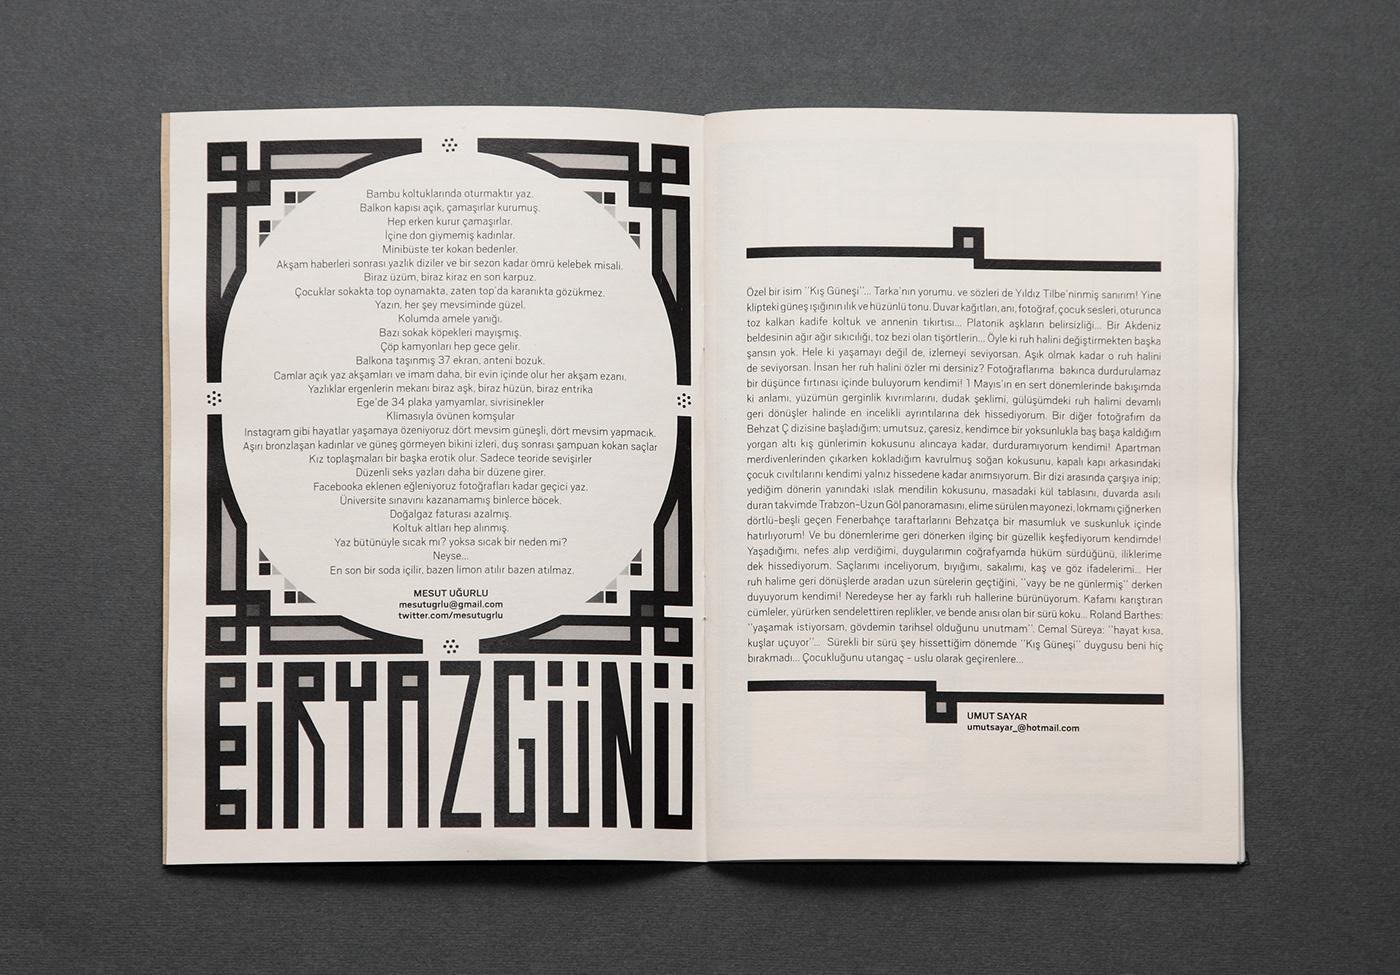 fanzine,seyyar sesler,seyyar sesler 4,mesut ugurlu,Zine ,istanbul,street fanzine,islamic desgin